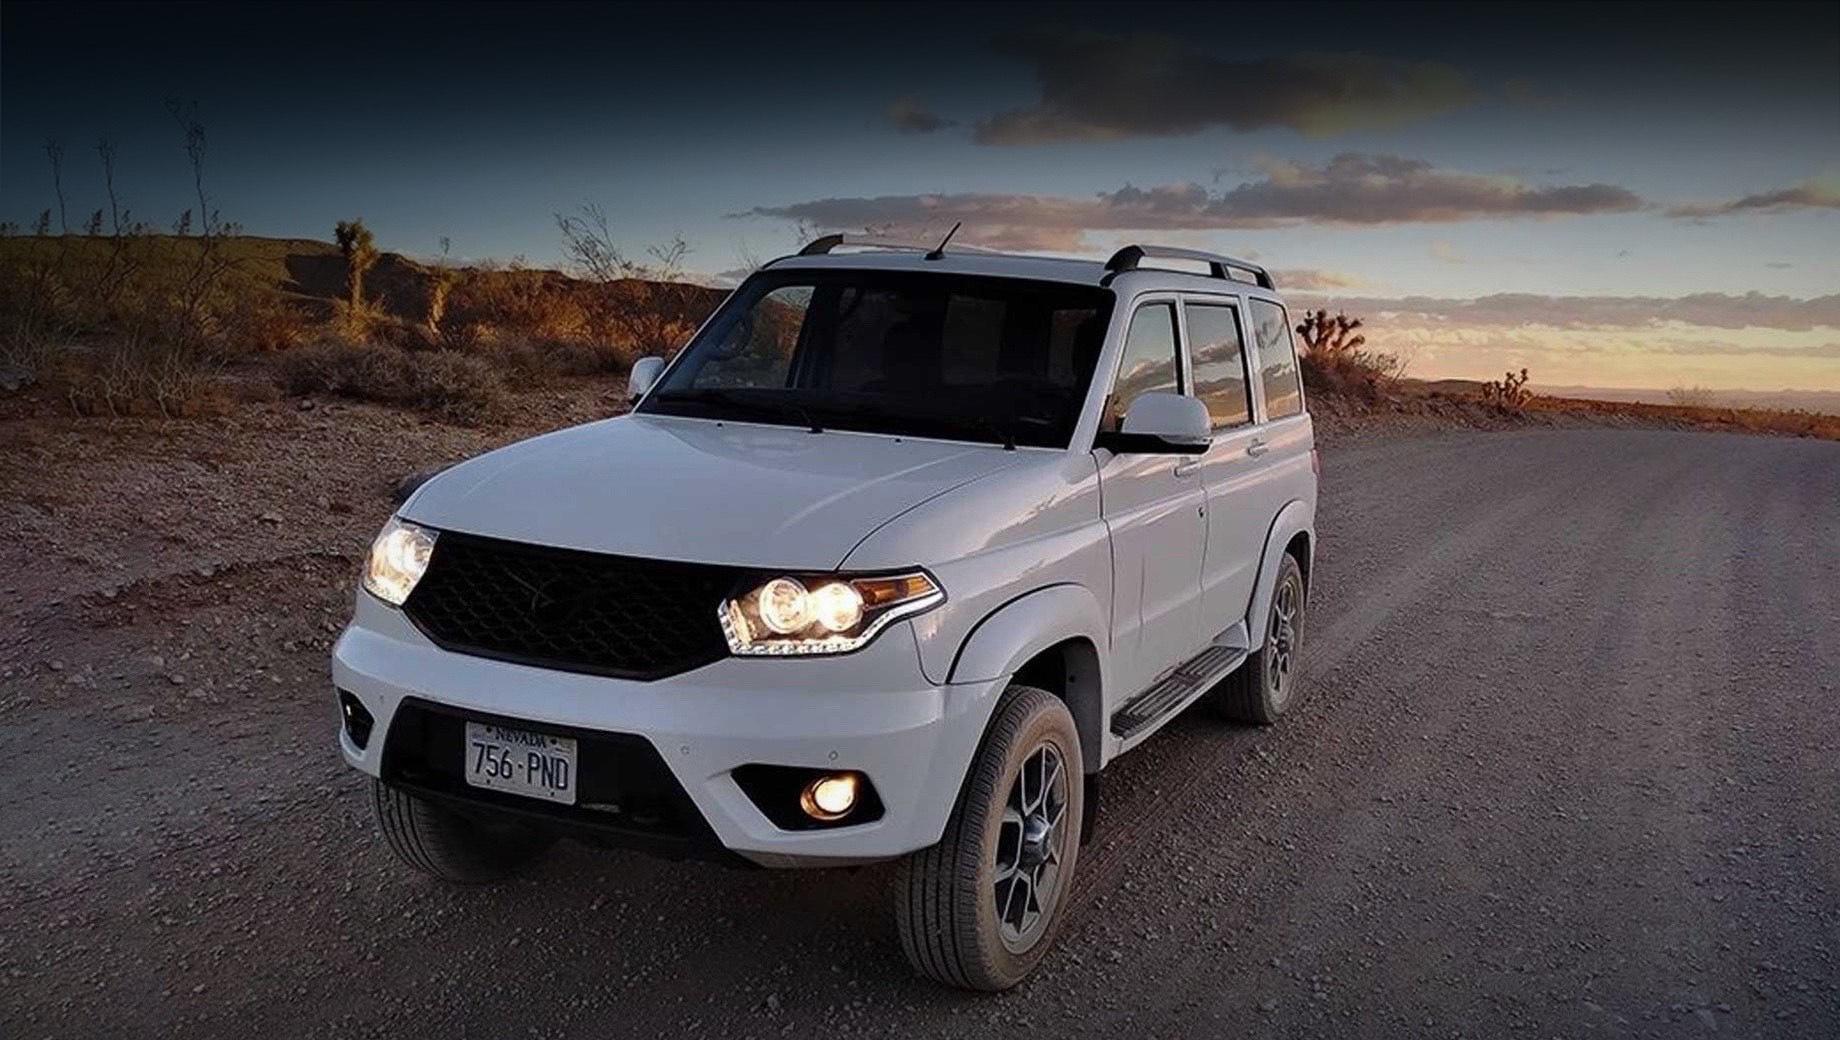 Uaz patriot,Uaz pickup. География продаж Ульяновского автозавода становится шире. Российские автомобили доступны не только в странах СНГ, но и в Евросоюзе, Южной Америке, Китае, Мексике, на Кубе и Ближнем Востоке. Старт продаж в США намечен на осень 2021 года.